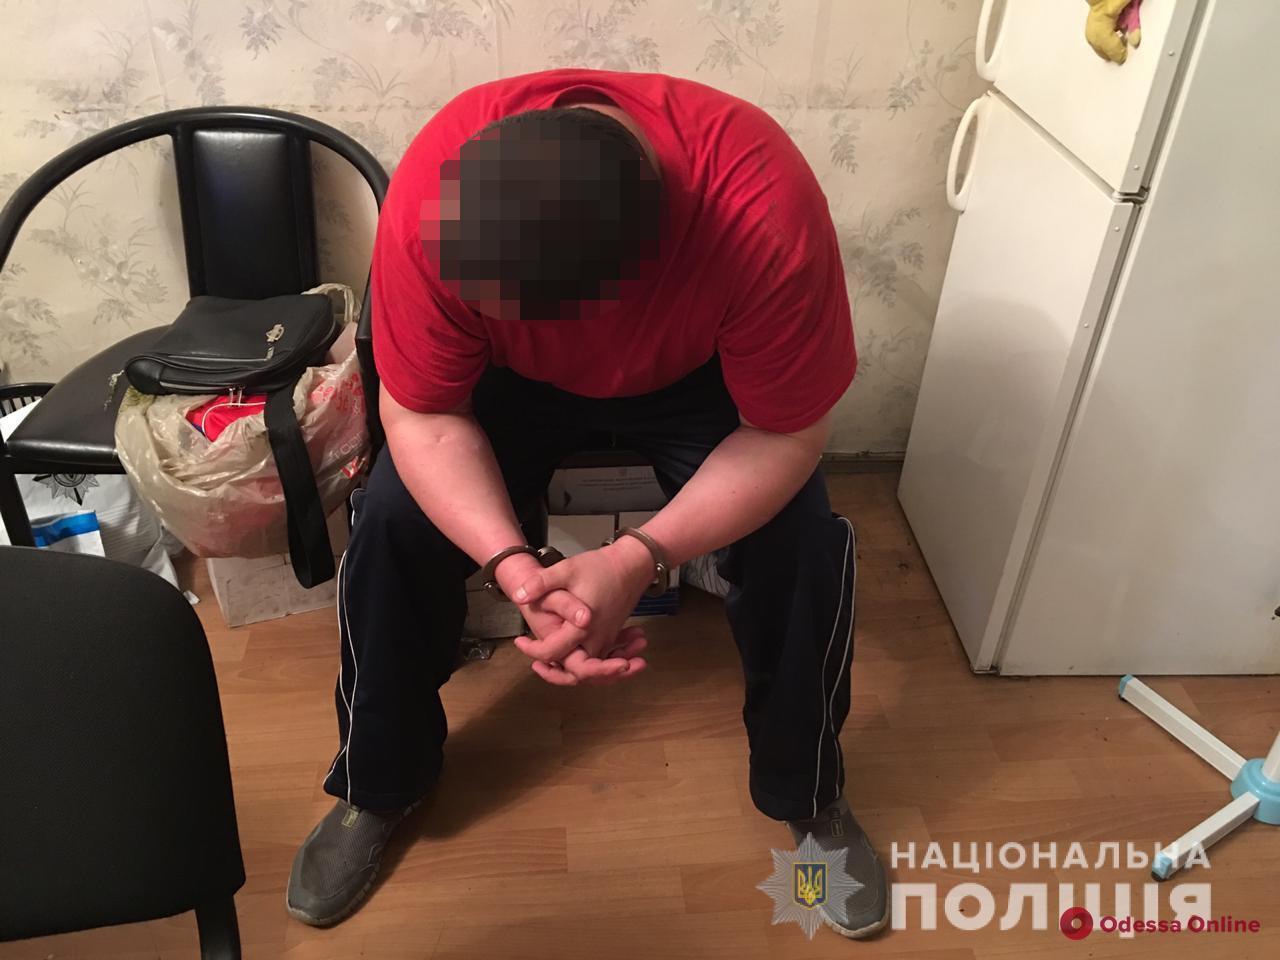 Одессит закрылся в туалете медучреждения и угрожал взорвать здание